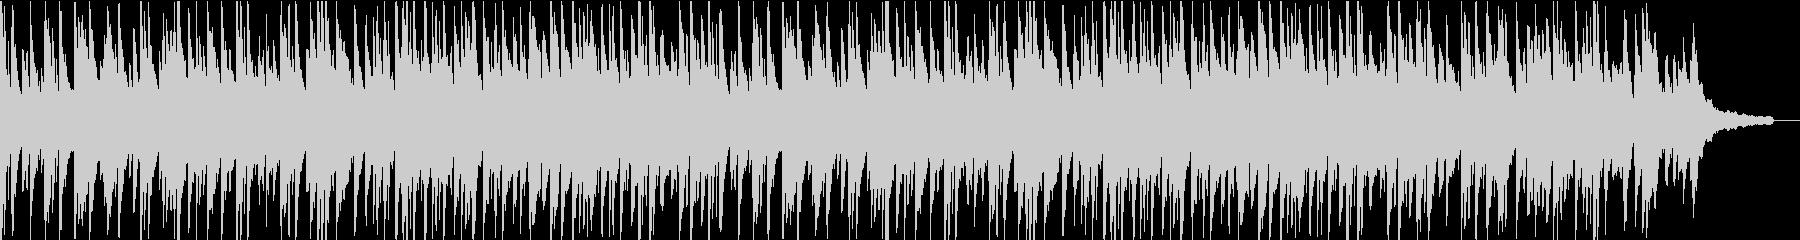 ほんわかしたピアノの曲ですの未再生の波形